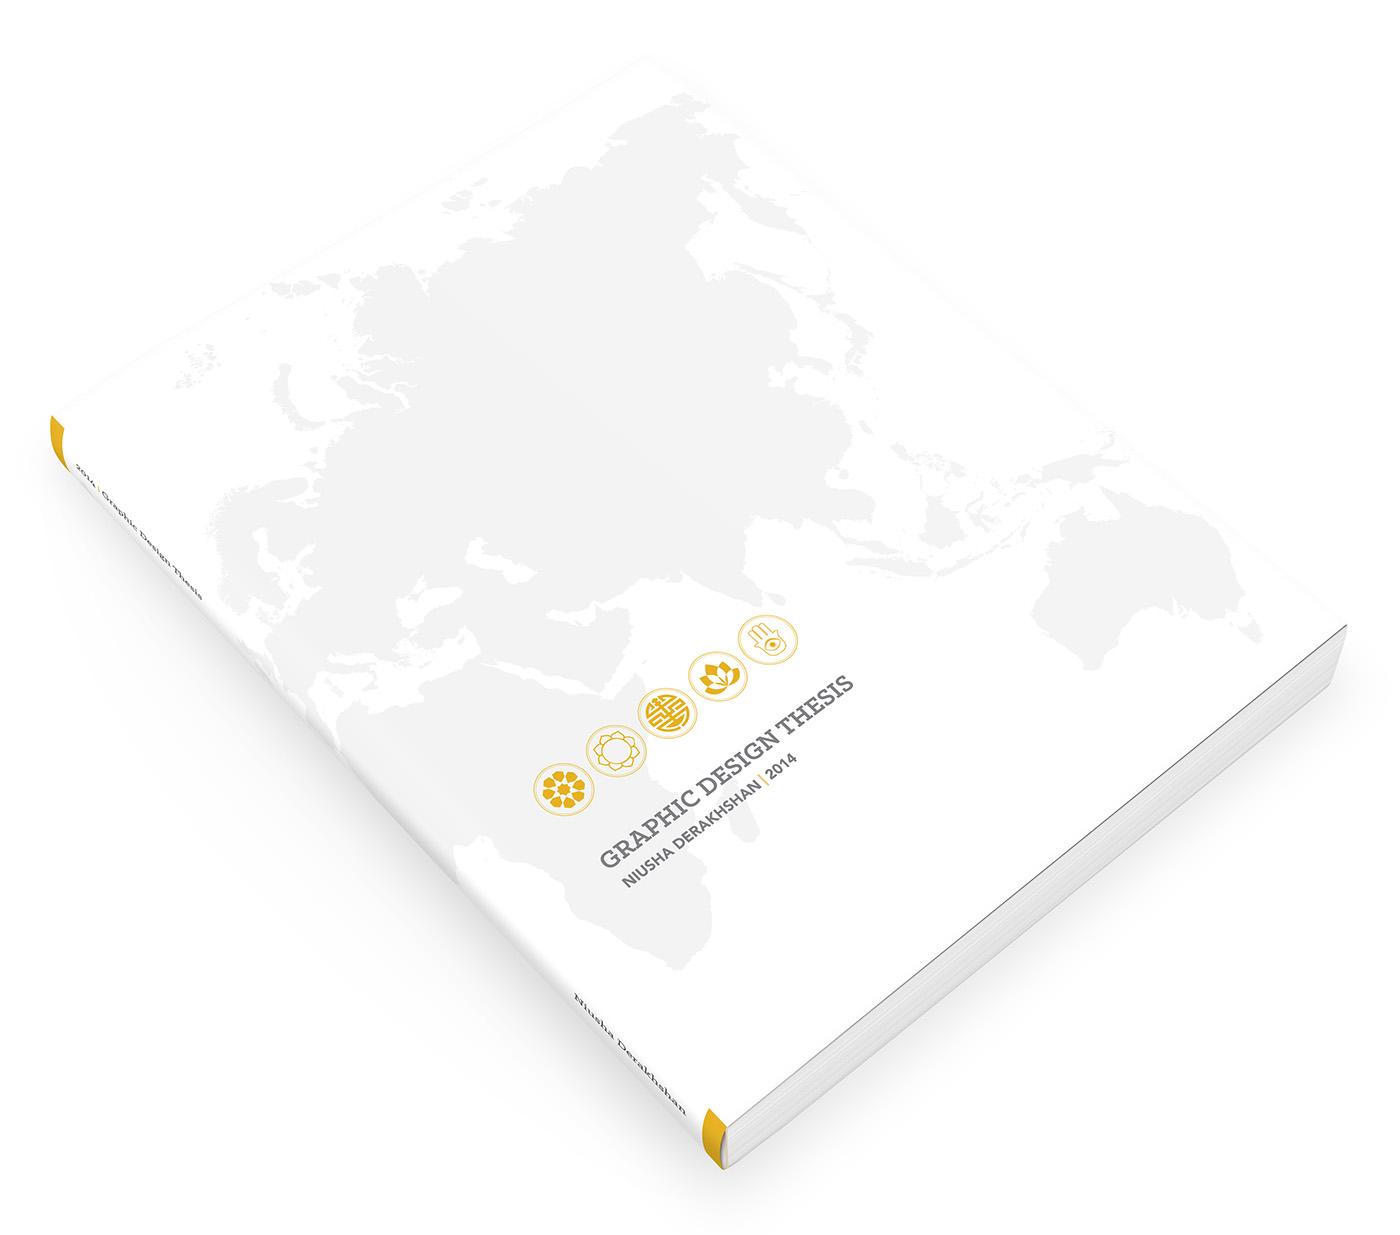 Dissertation published book